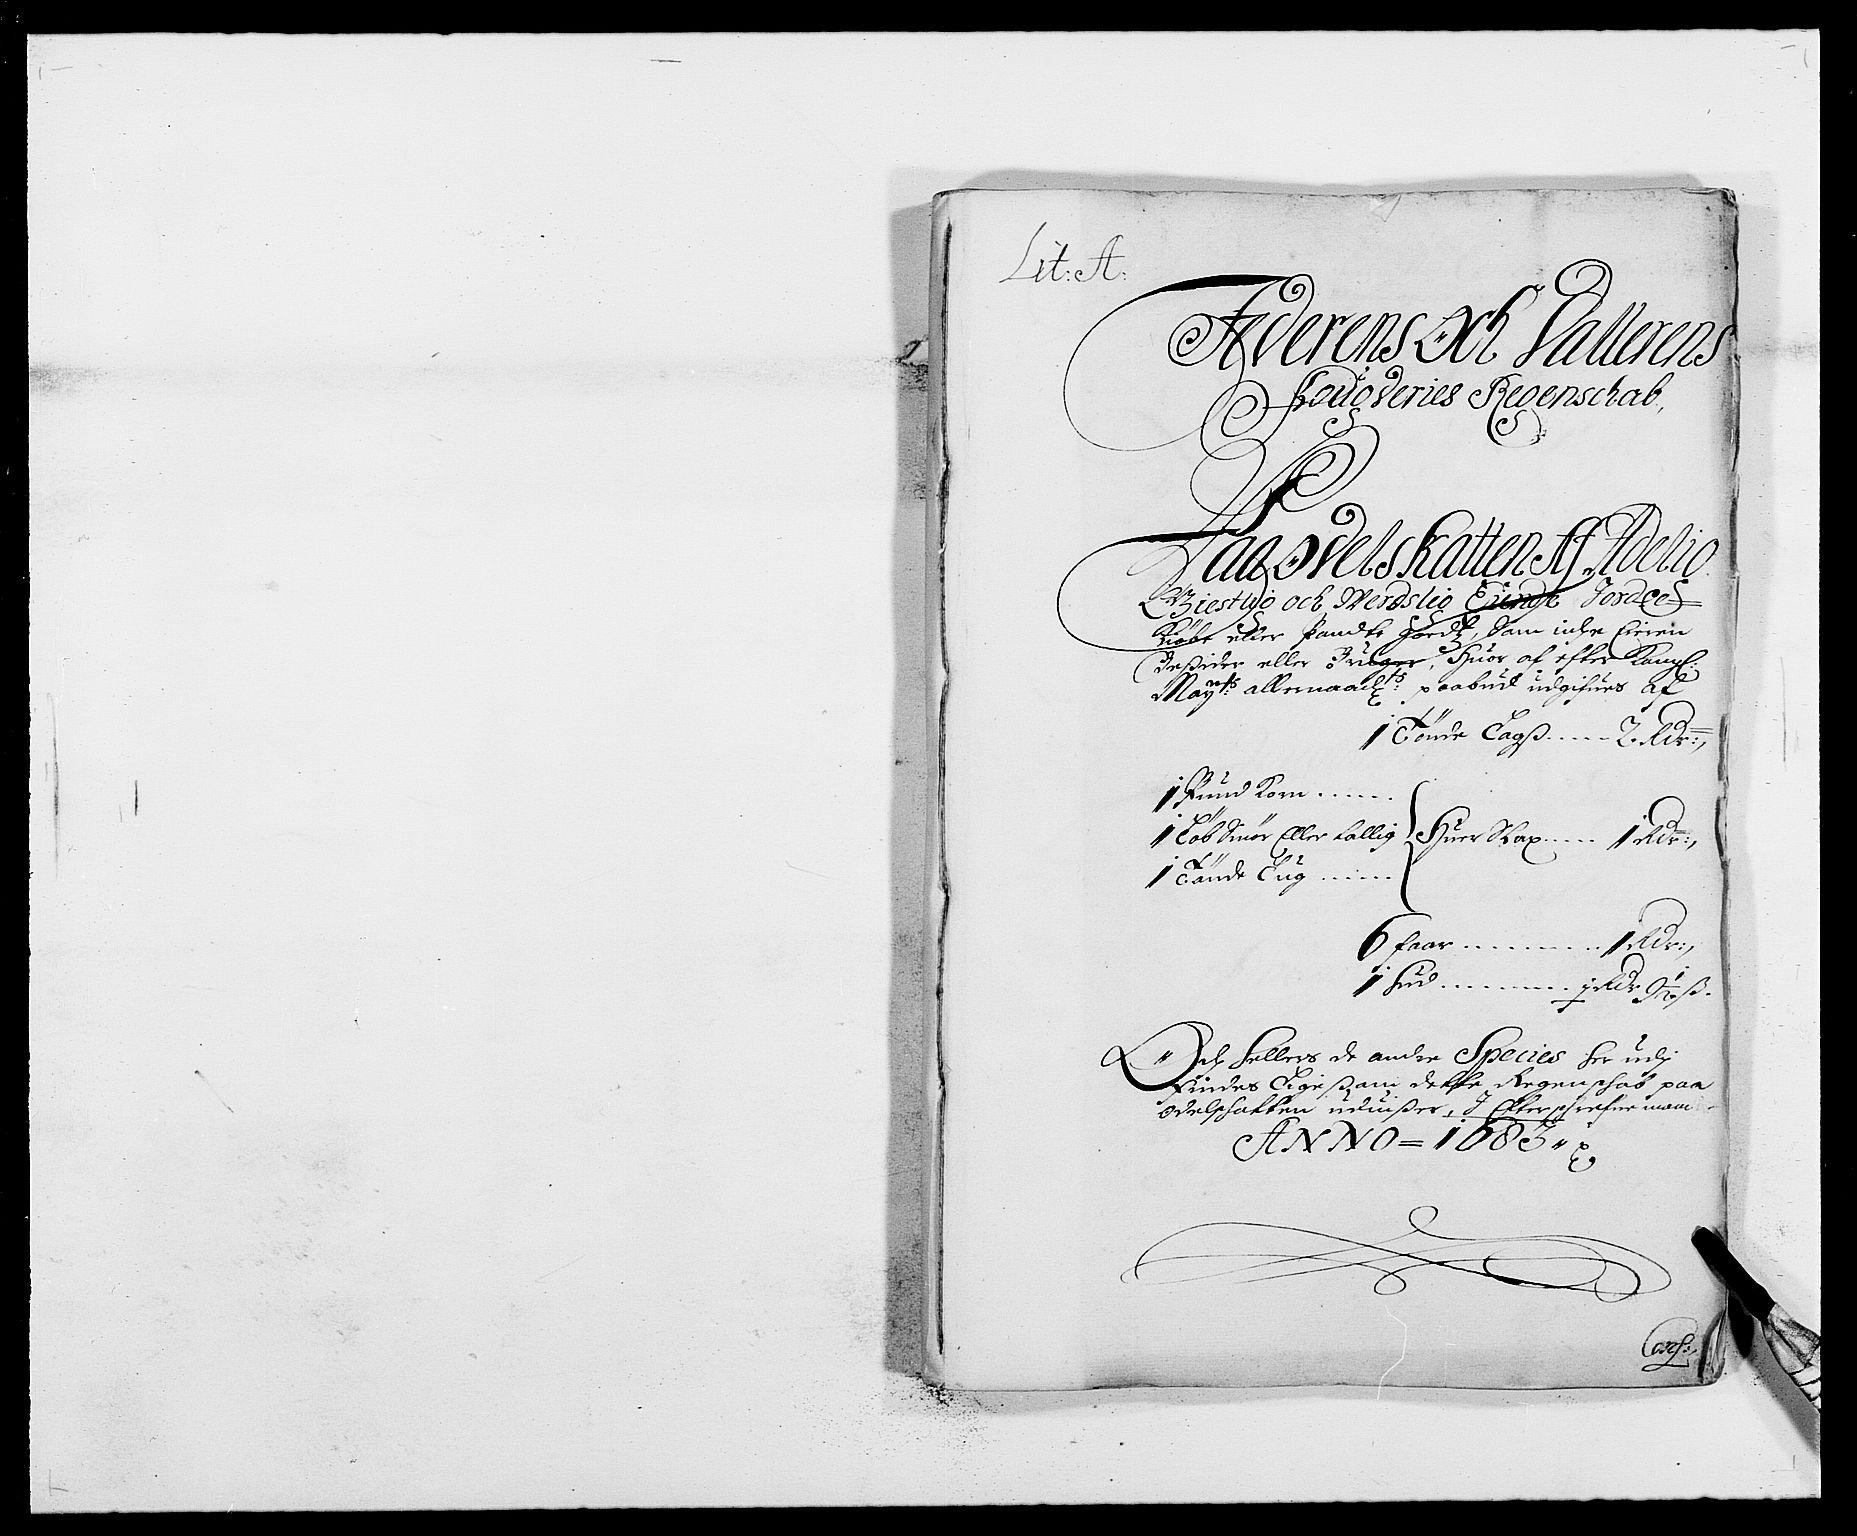 RA, Rentekammeret inntil 1814, Reviderte regnskaper, Fogderegnskap, R46/L2723: Fogderegnskap Jæren og Dalane, 1682-1684, s. 96